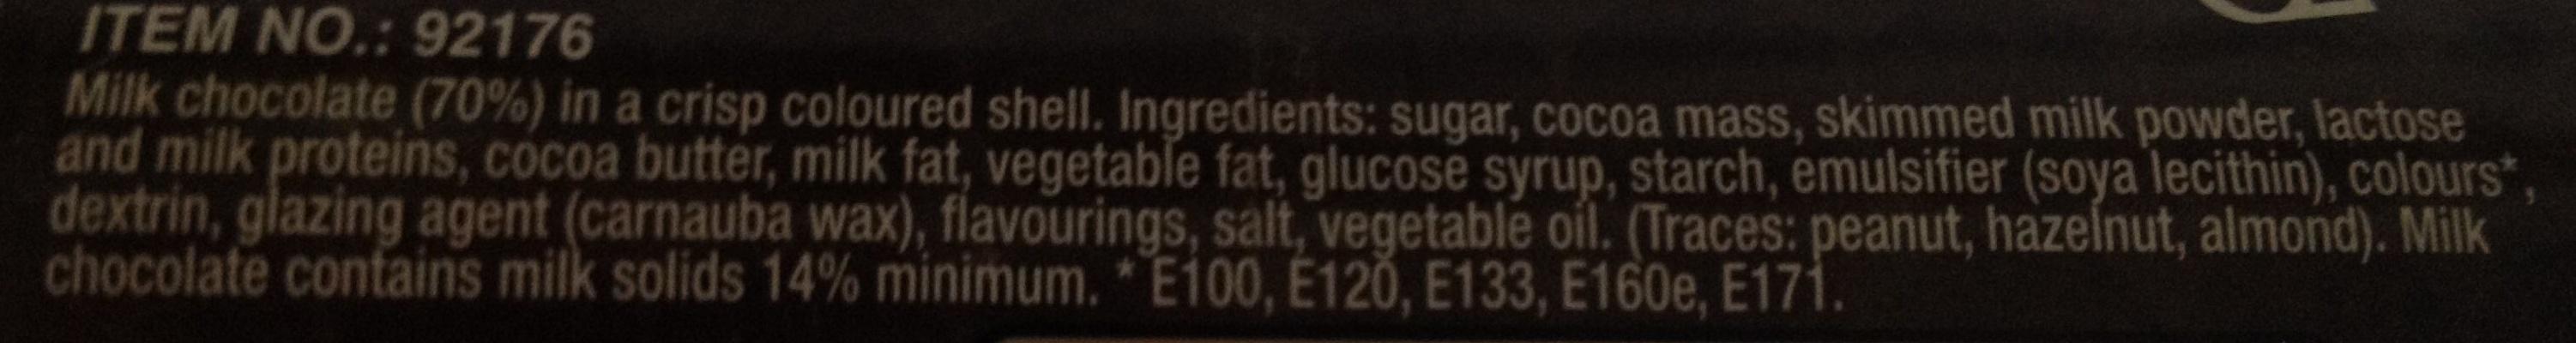 Candy Fan - Ingredients